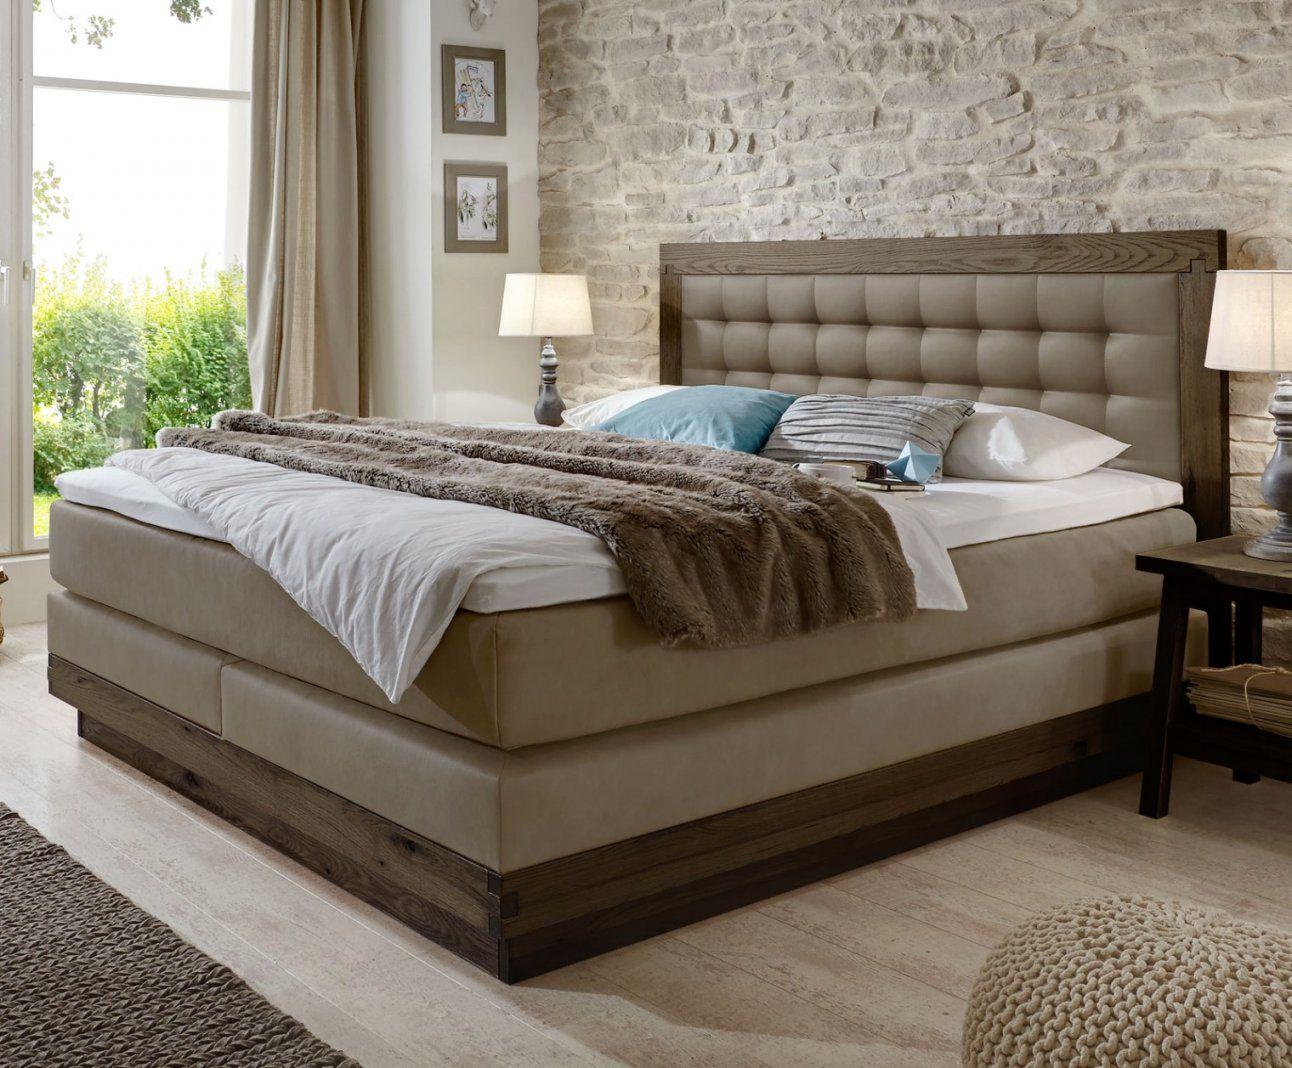 Groß Betten Für Wie Bezieht Man Ein Boxspringbett  Schlafzimmer Ideen von Wie Bezieht Man Ein Boxspringbett Photo